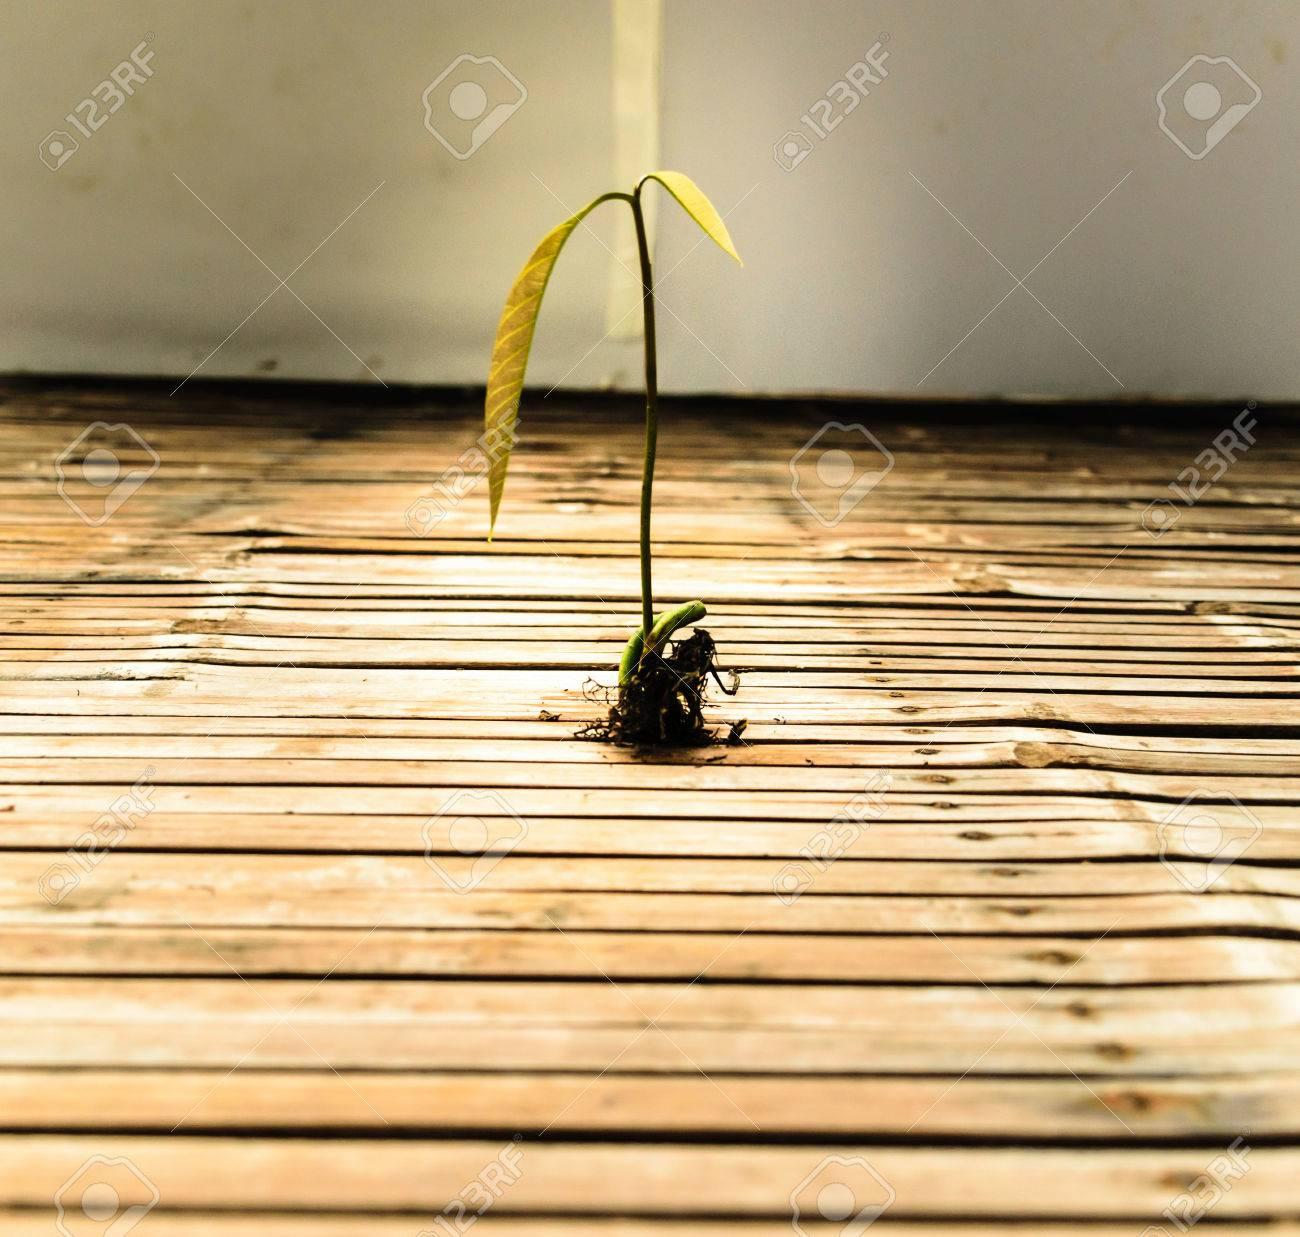 Helle Mangobaume Wachsen Das Wachstum Eines Neuen Lebens Und Legen